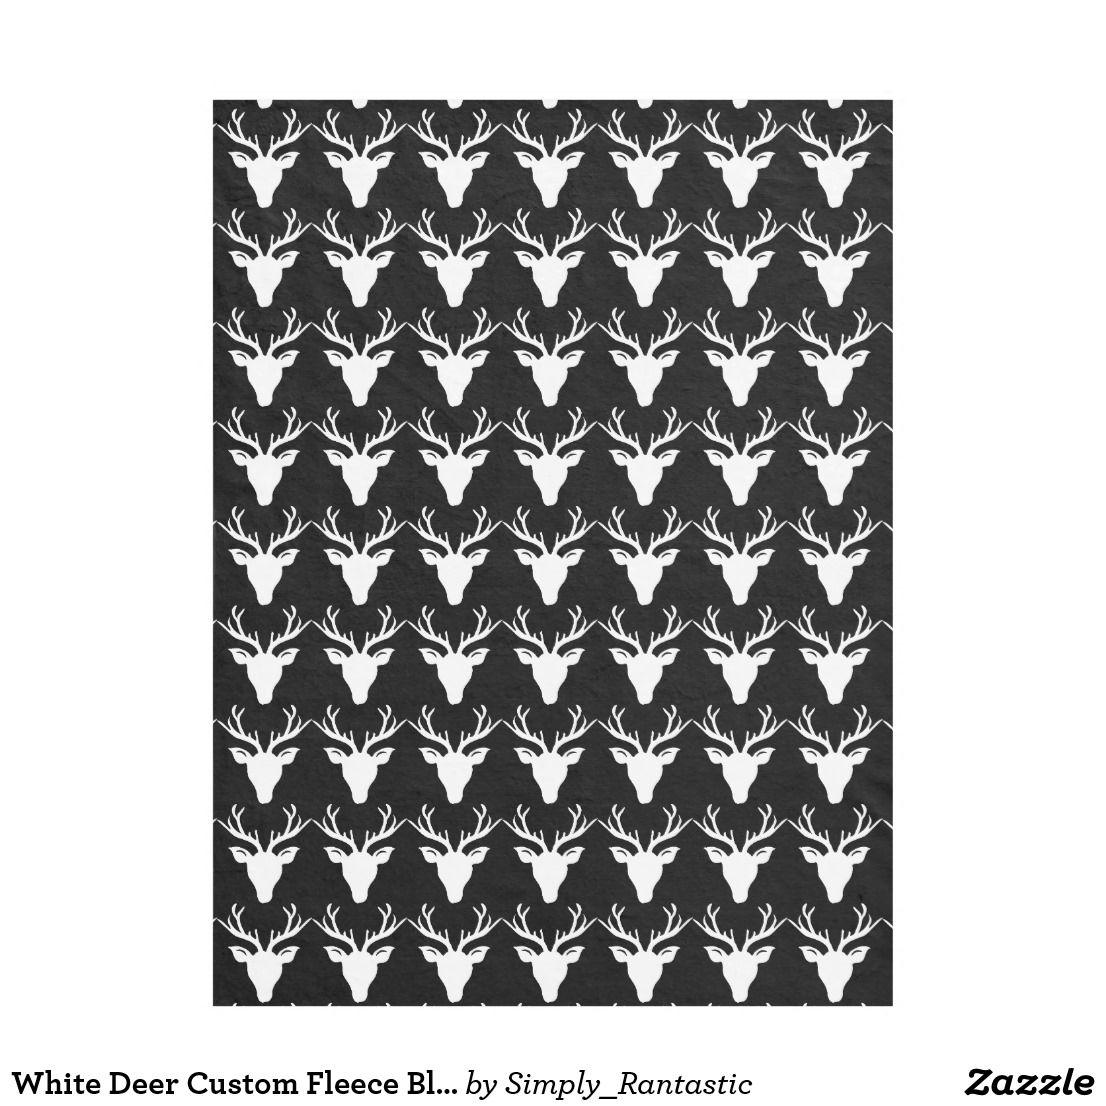 White deer custom fleece blanket